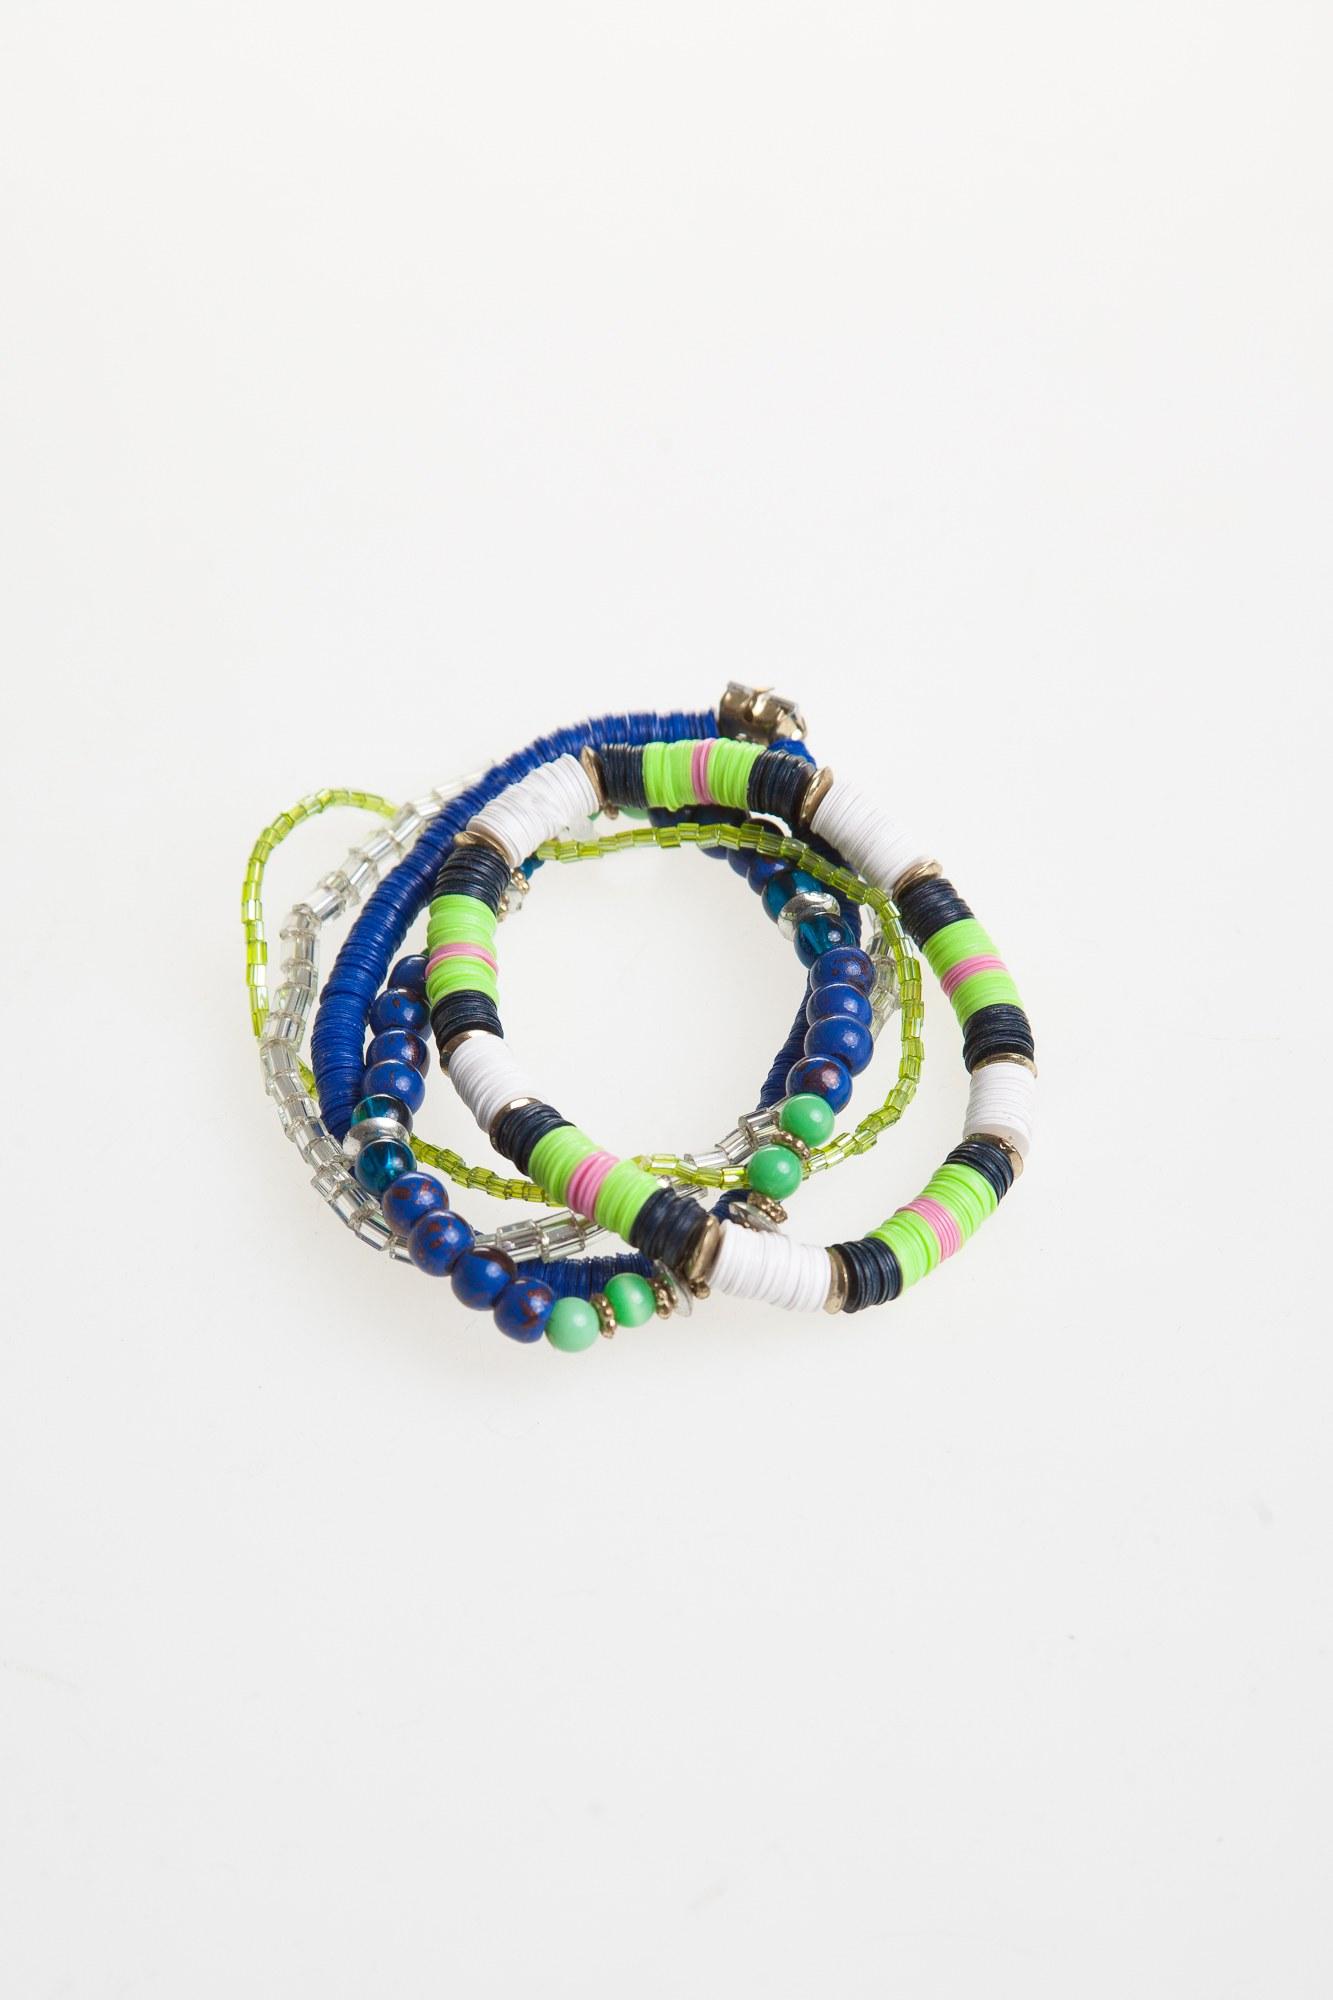 Bratara verde-albastru